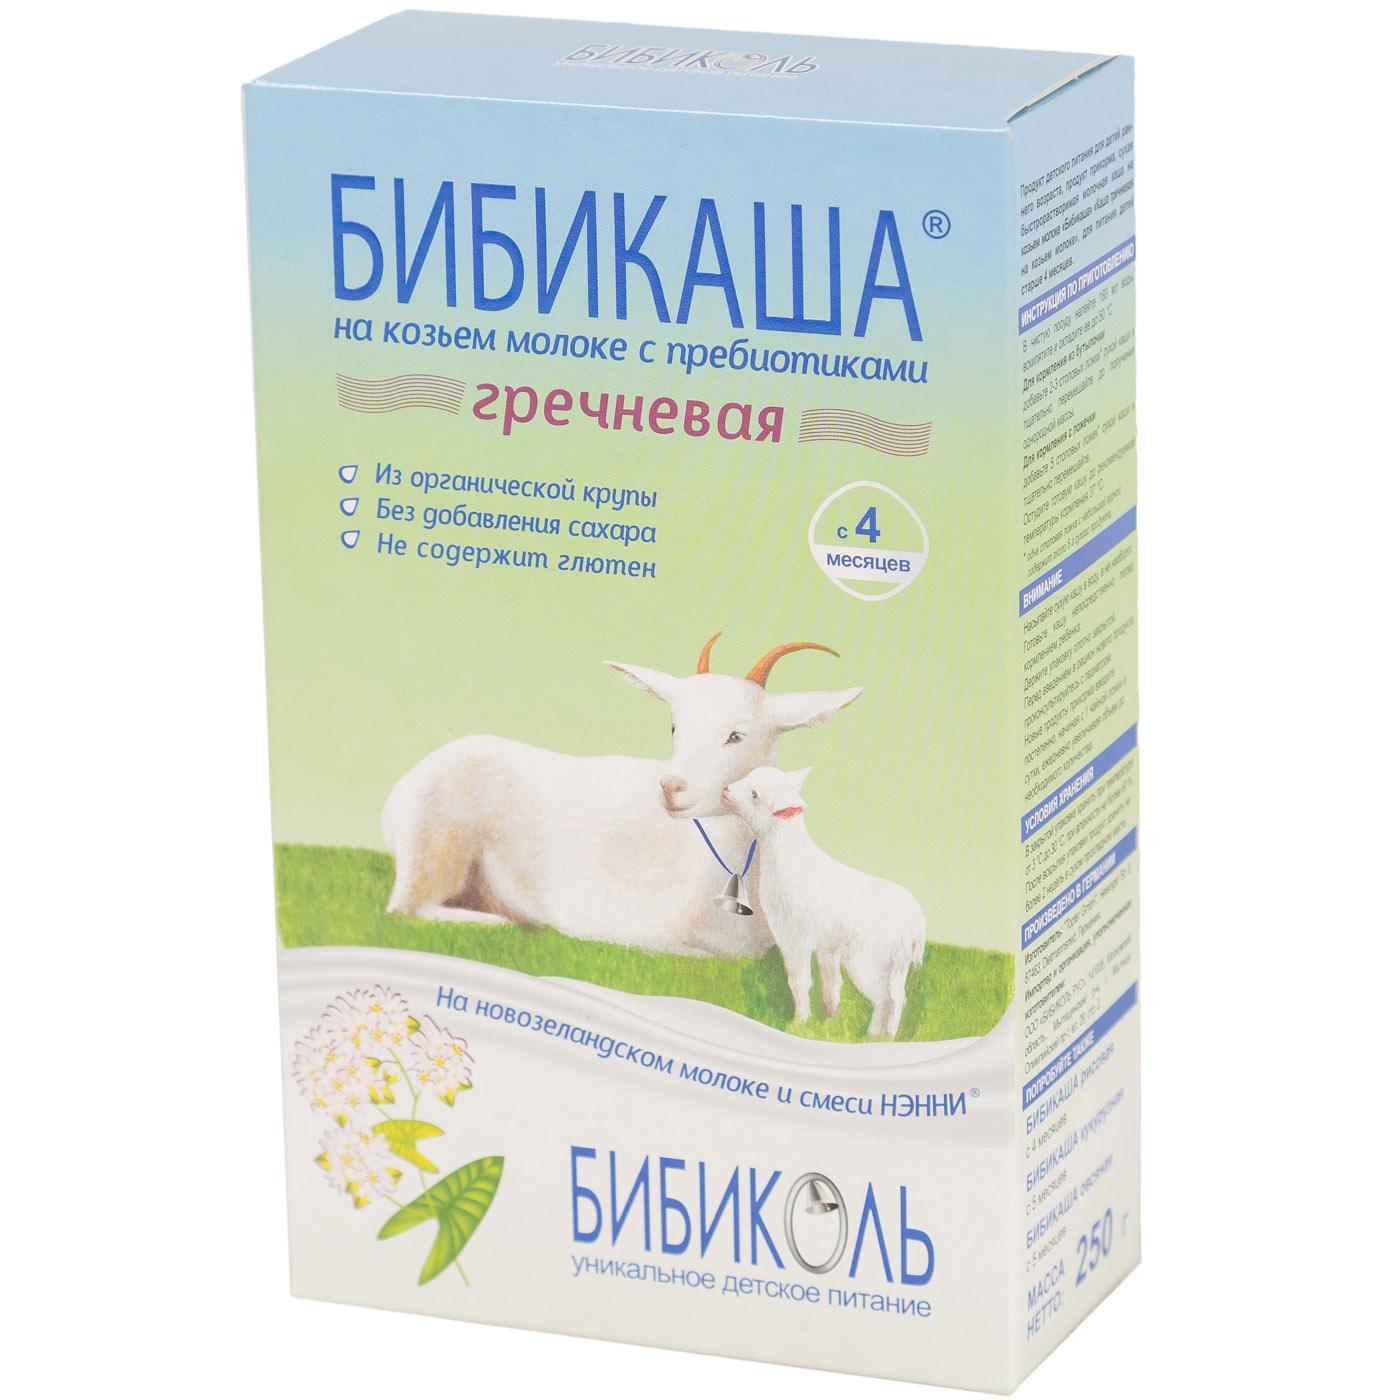 Каша Бибикаша молочная 250 гр Гречневая (с 4 мес)<br>